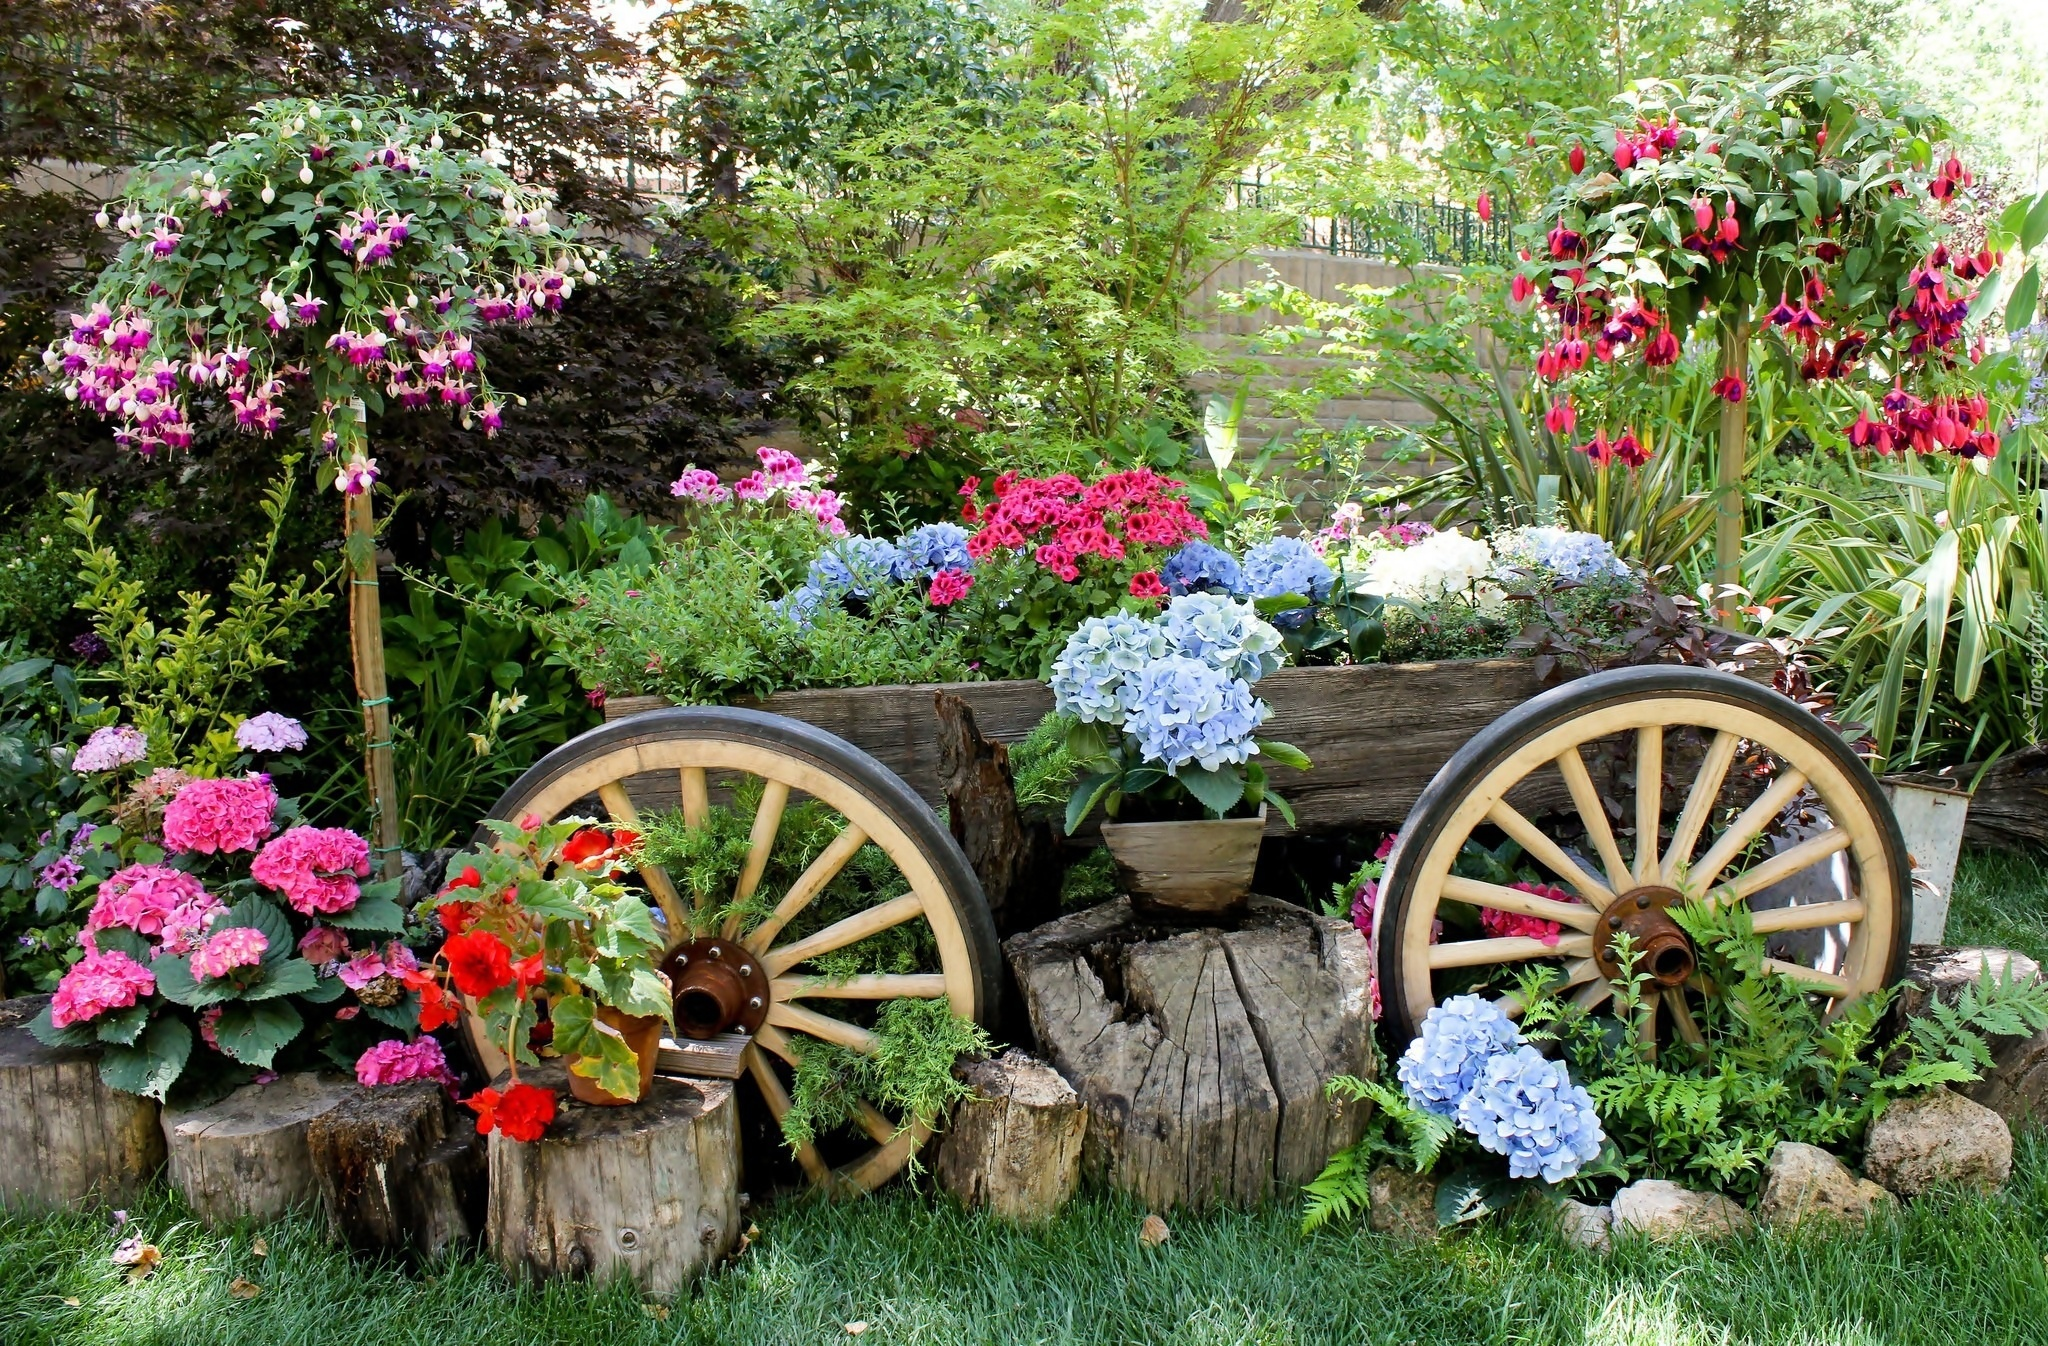 Ogrod Kwiaty Wozek